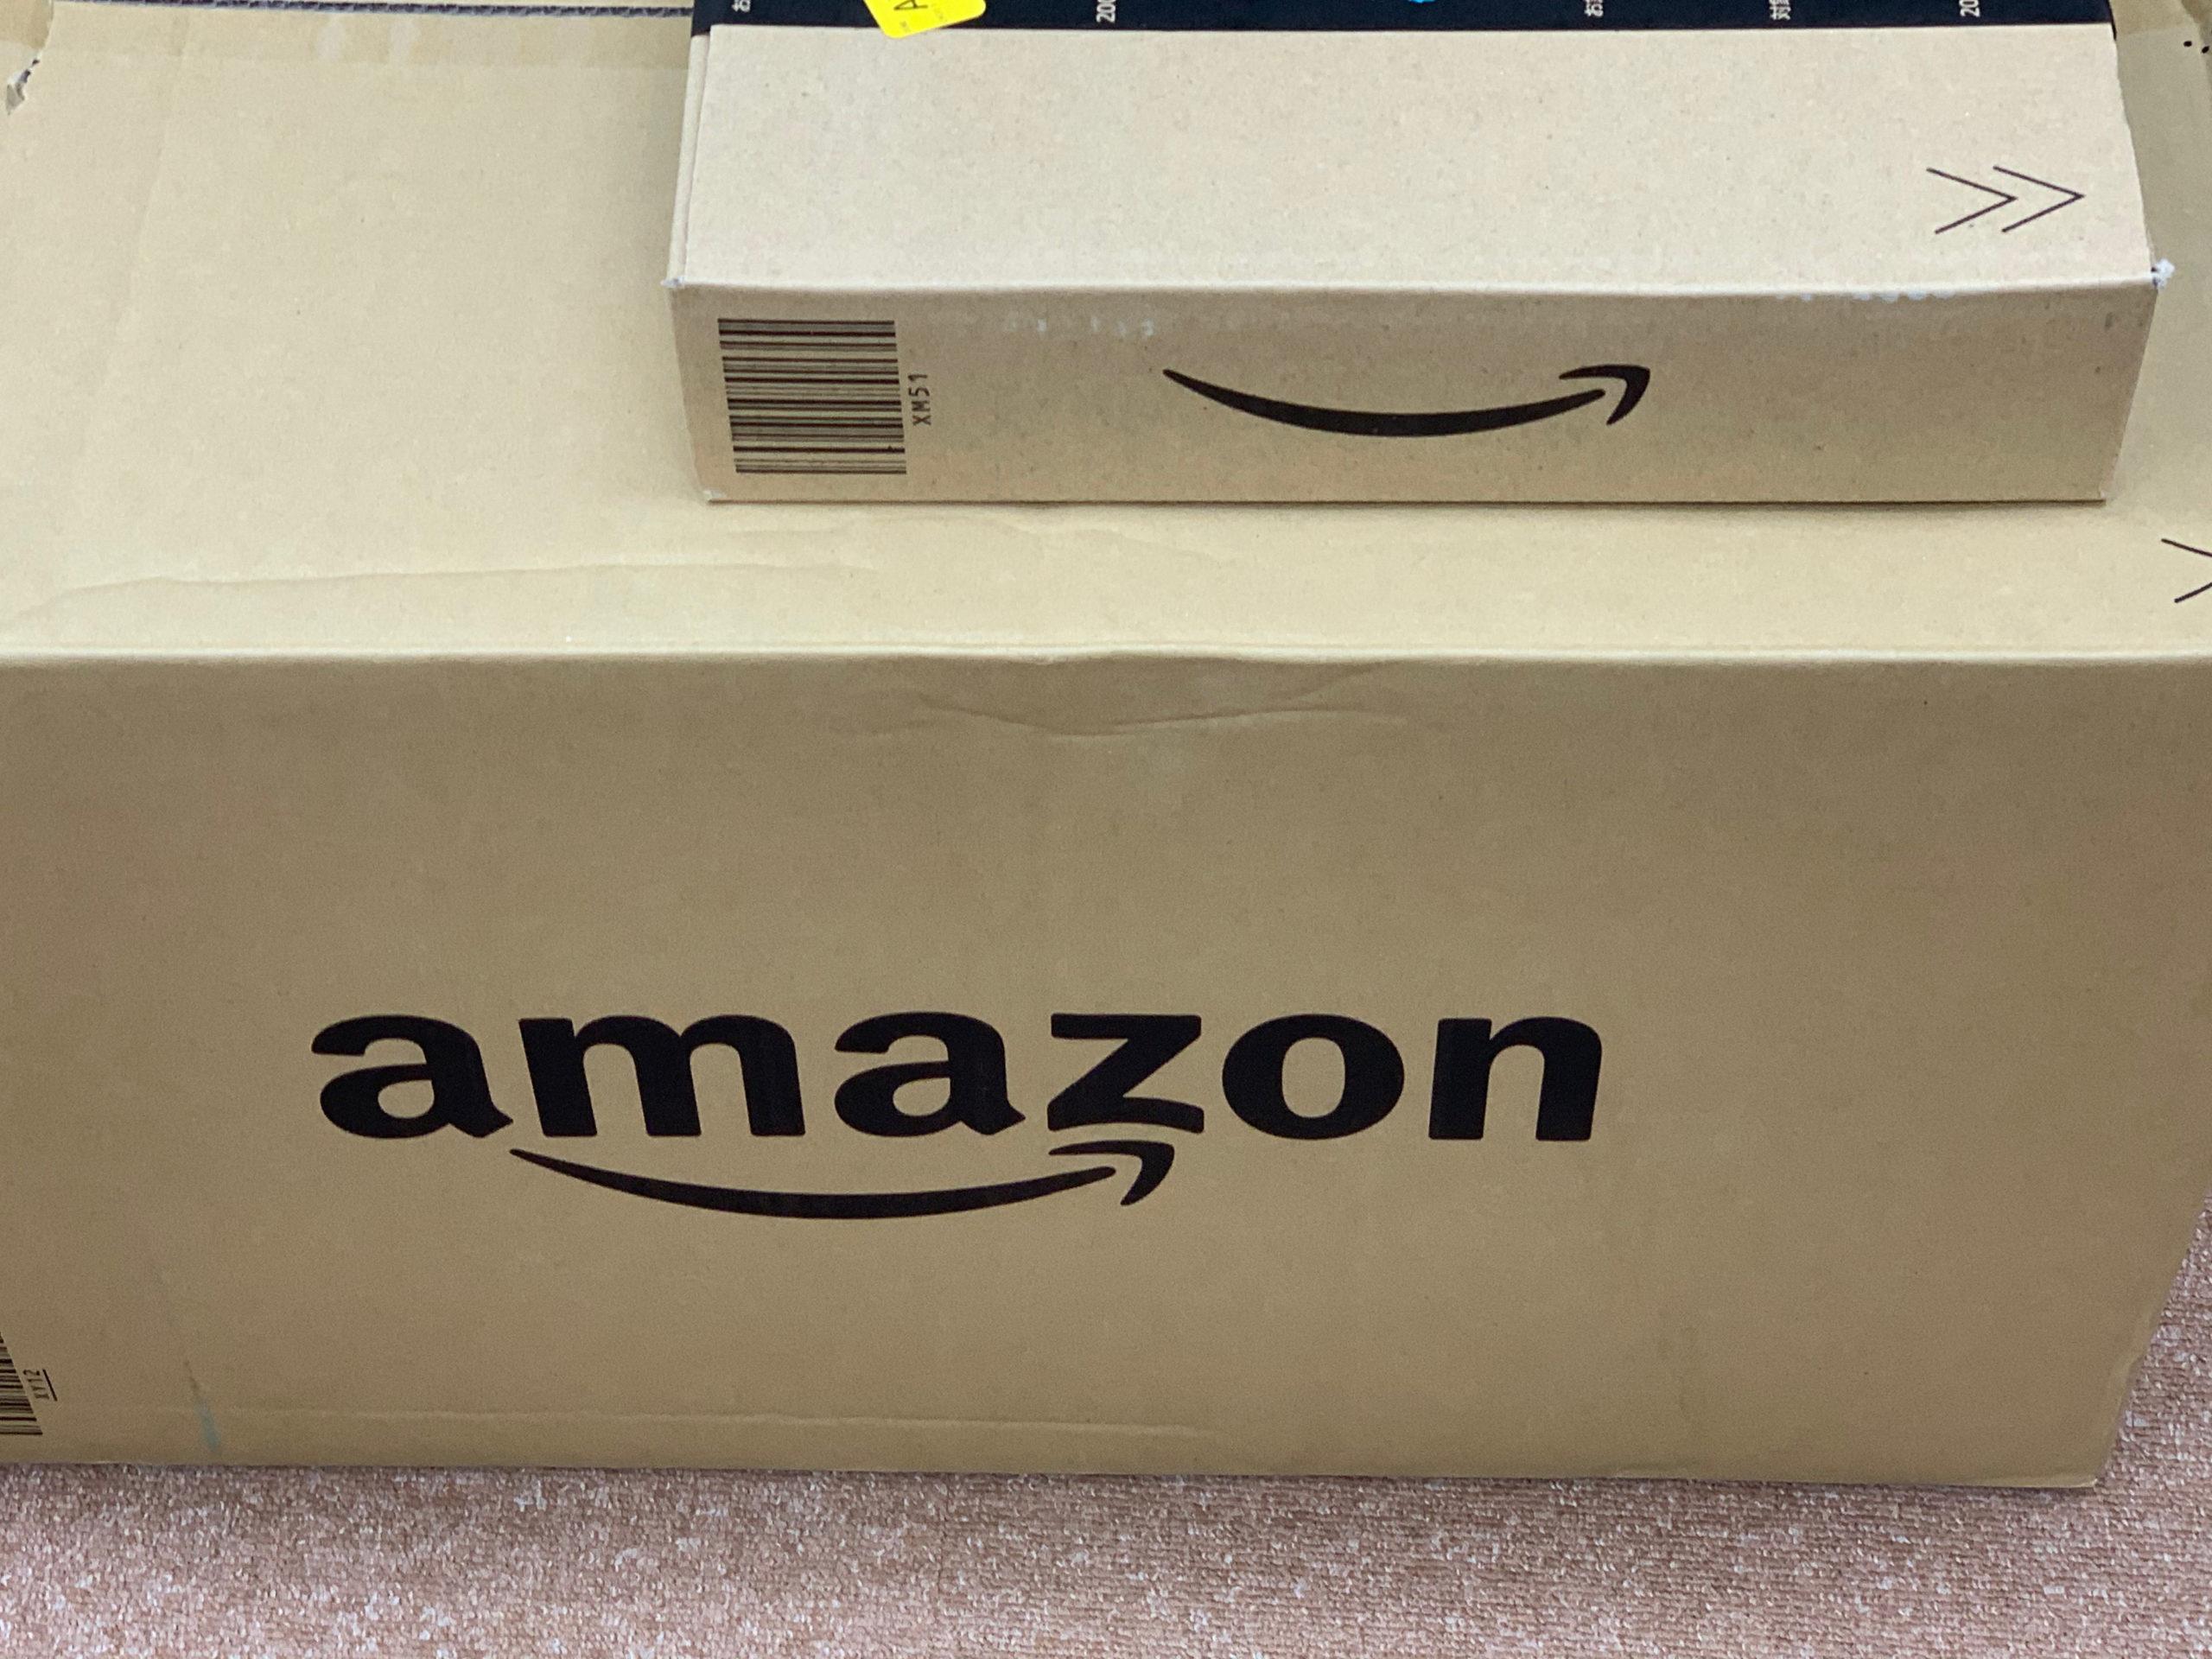 Amazon Prime Day(プライムデー)は、購入者メリットは大きいですが、「商売」としても学ぶべき点が多いです